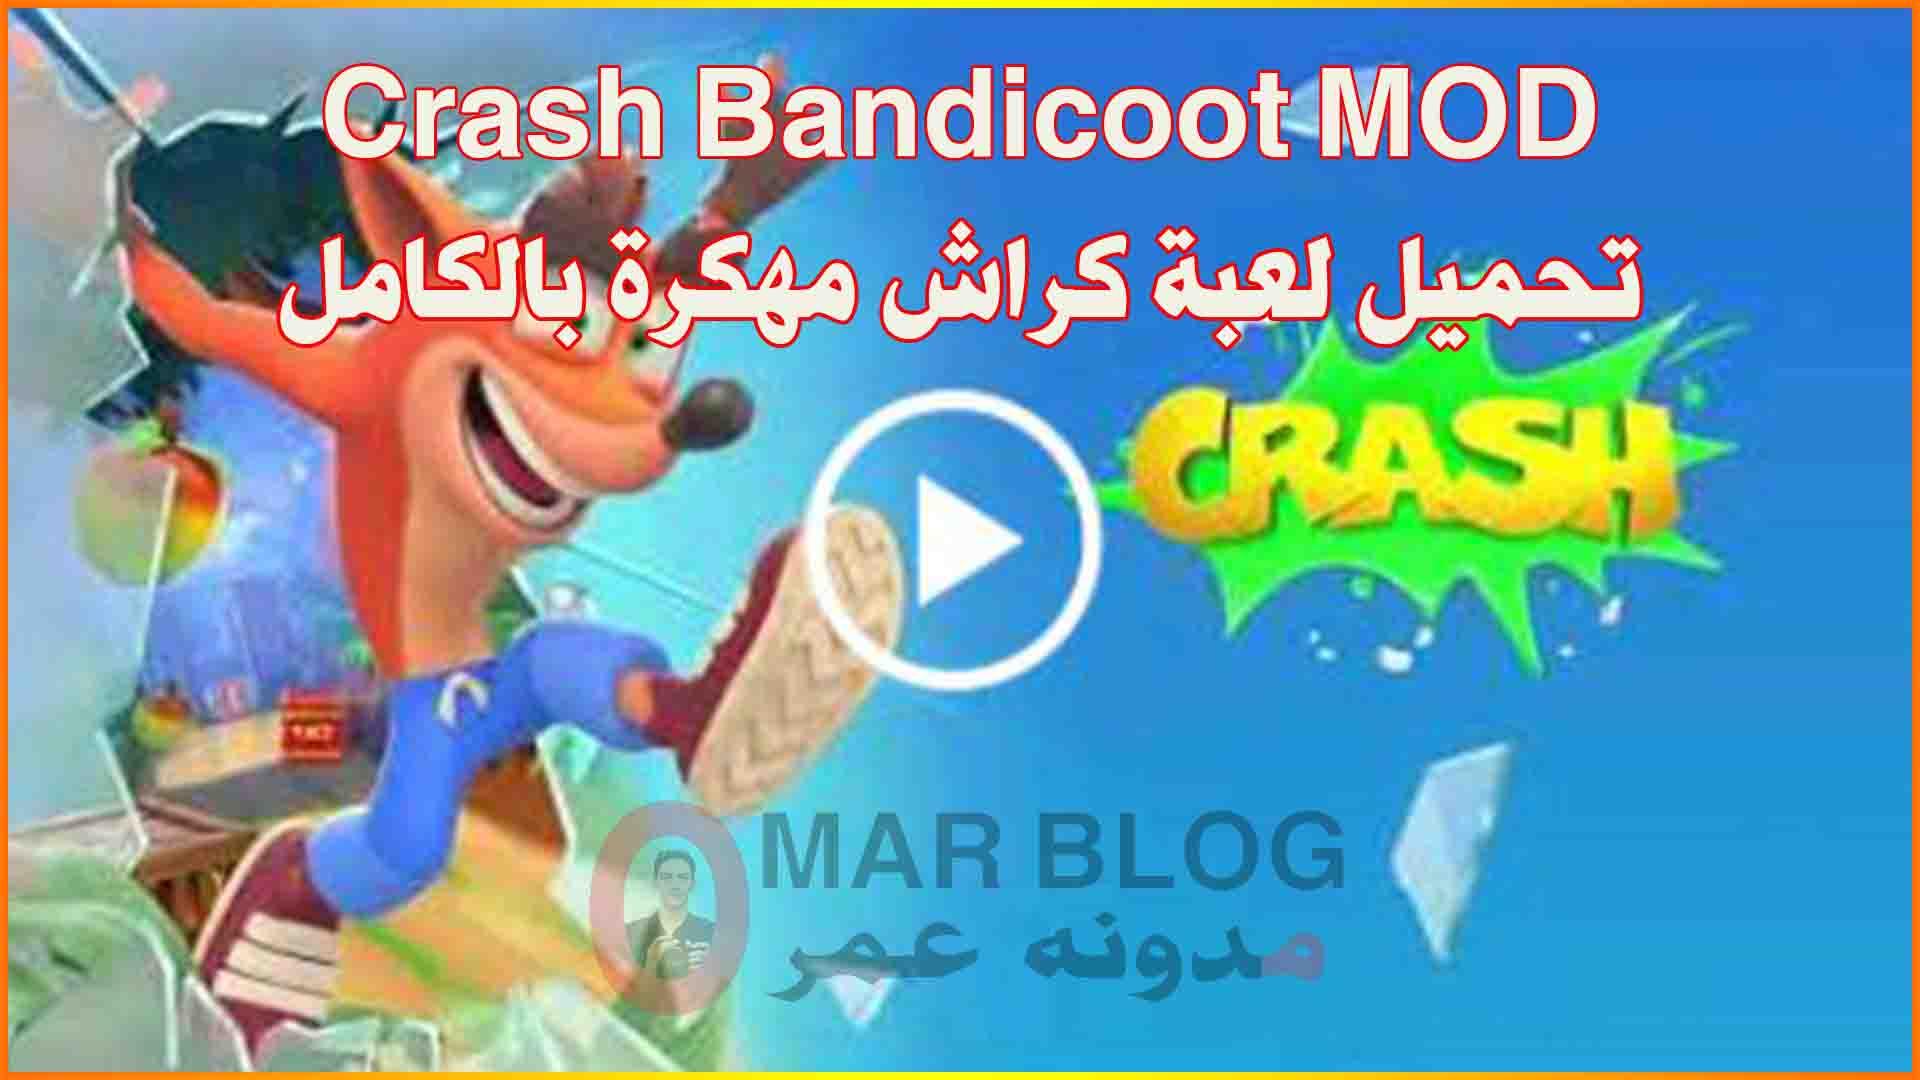 العاب اندرويد مهكرة (Crash Bandicoot MOD)